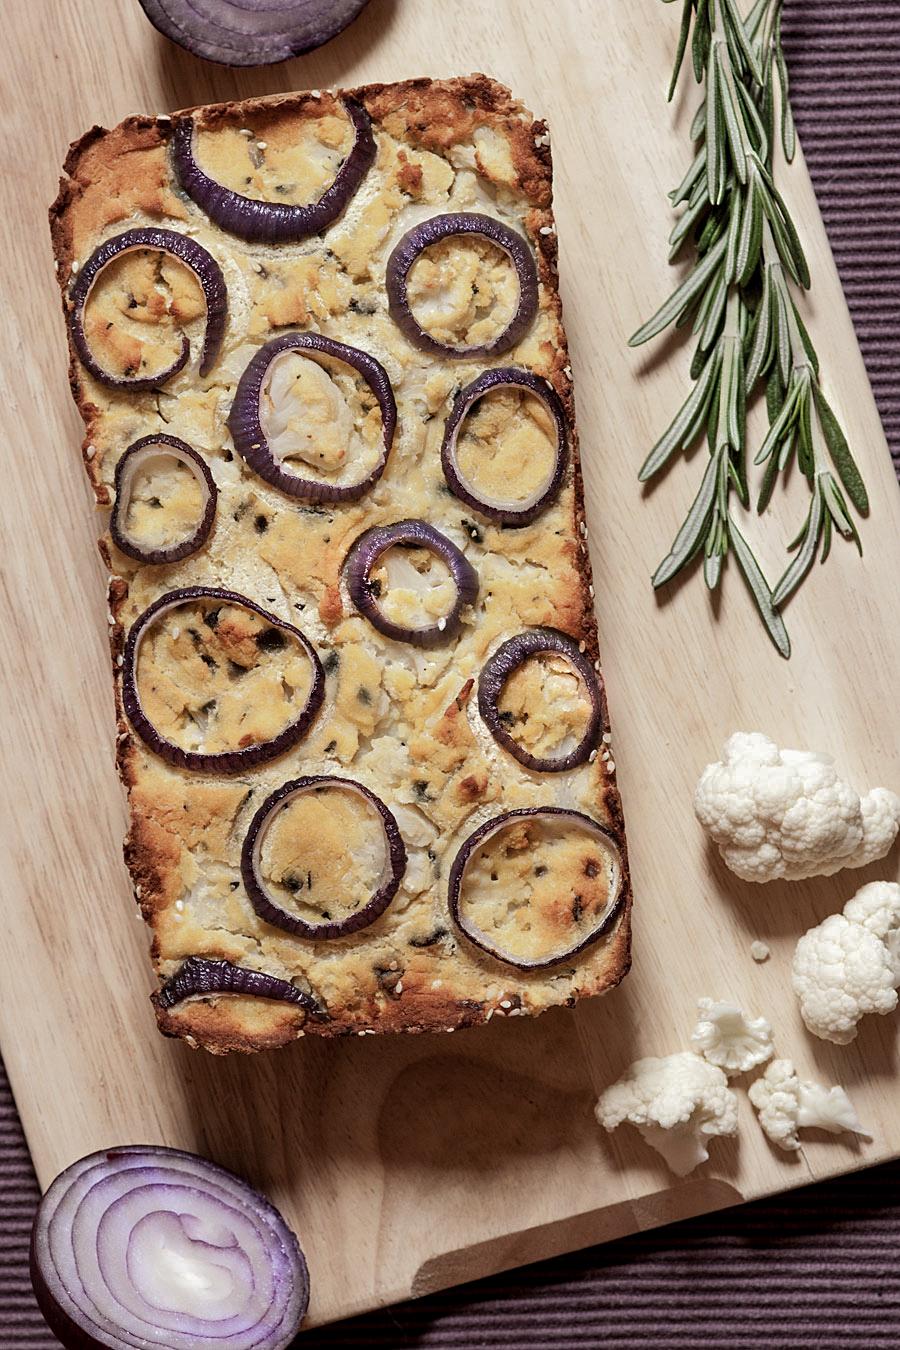 Cauliflower bread loaf | Lau Sunday cooks